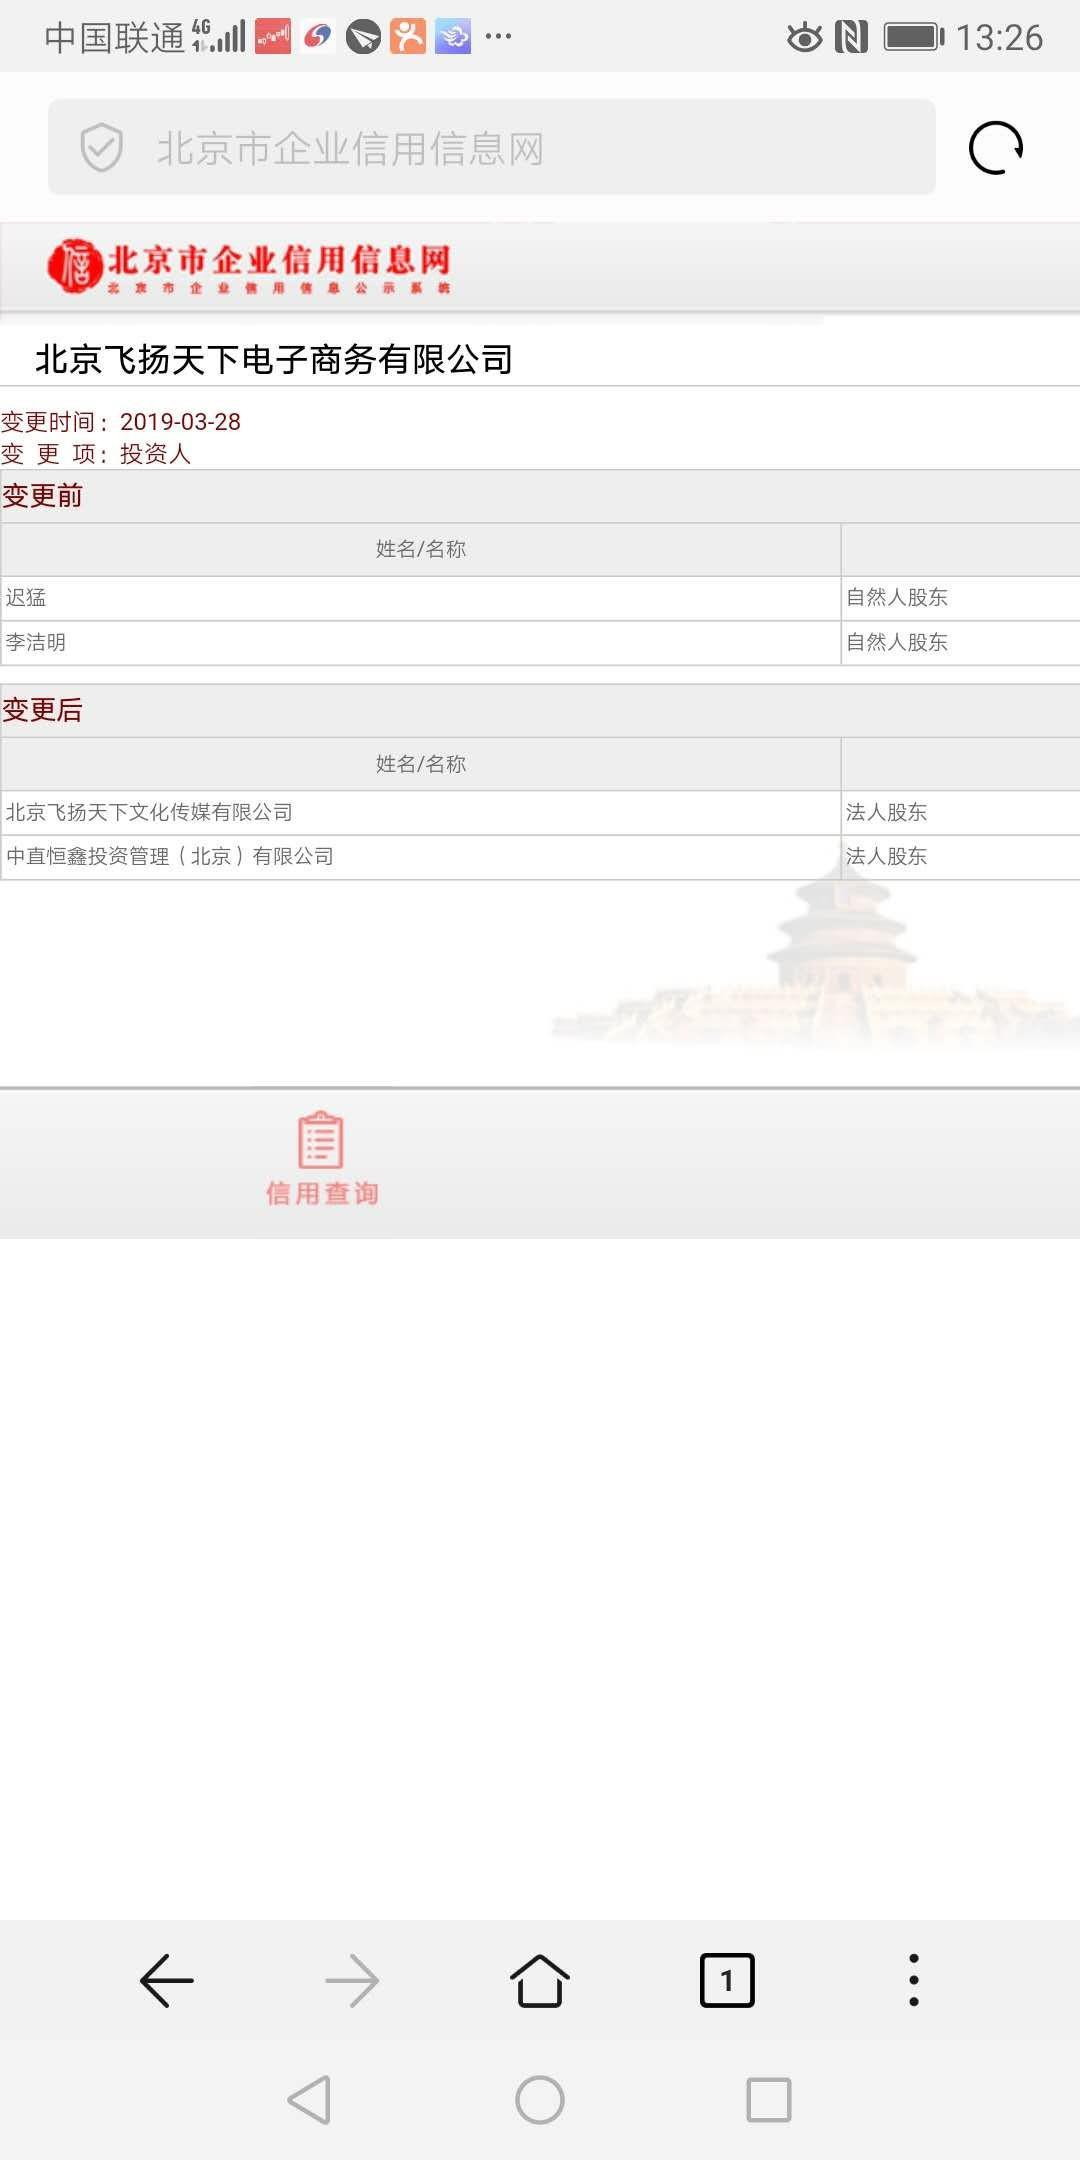 """借周鸿祎名义进行宣传 360起诉""""网红云商""""侵权"""